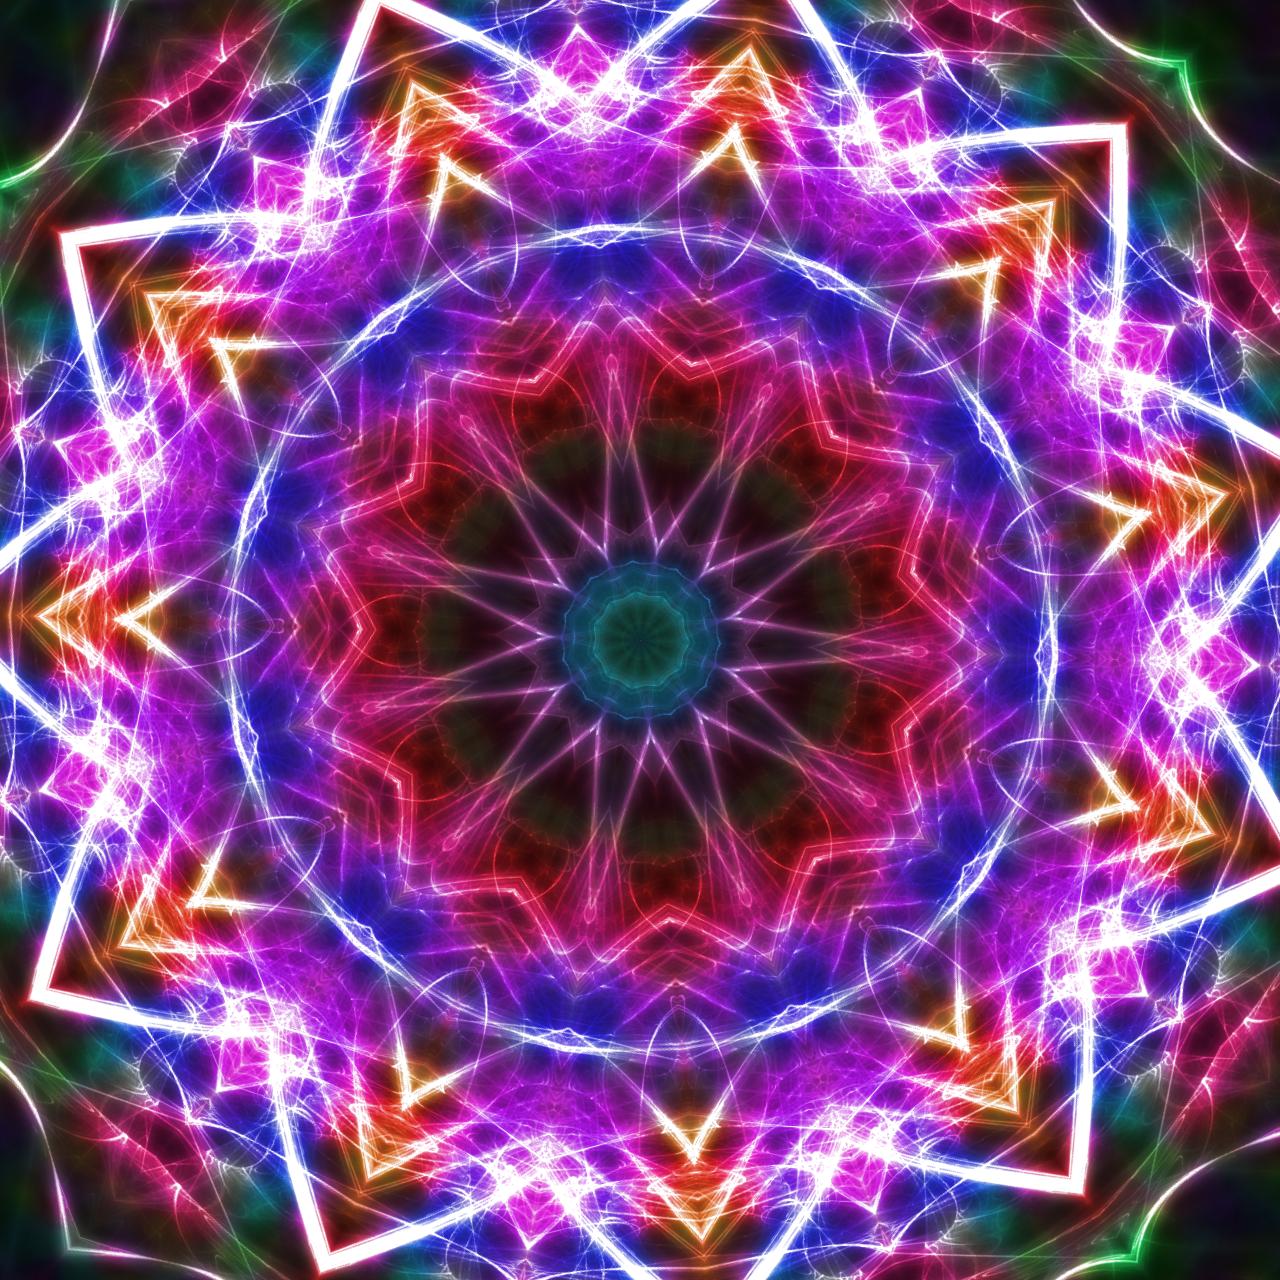 new glow+Kaleidoscope by huntercobb98